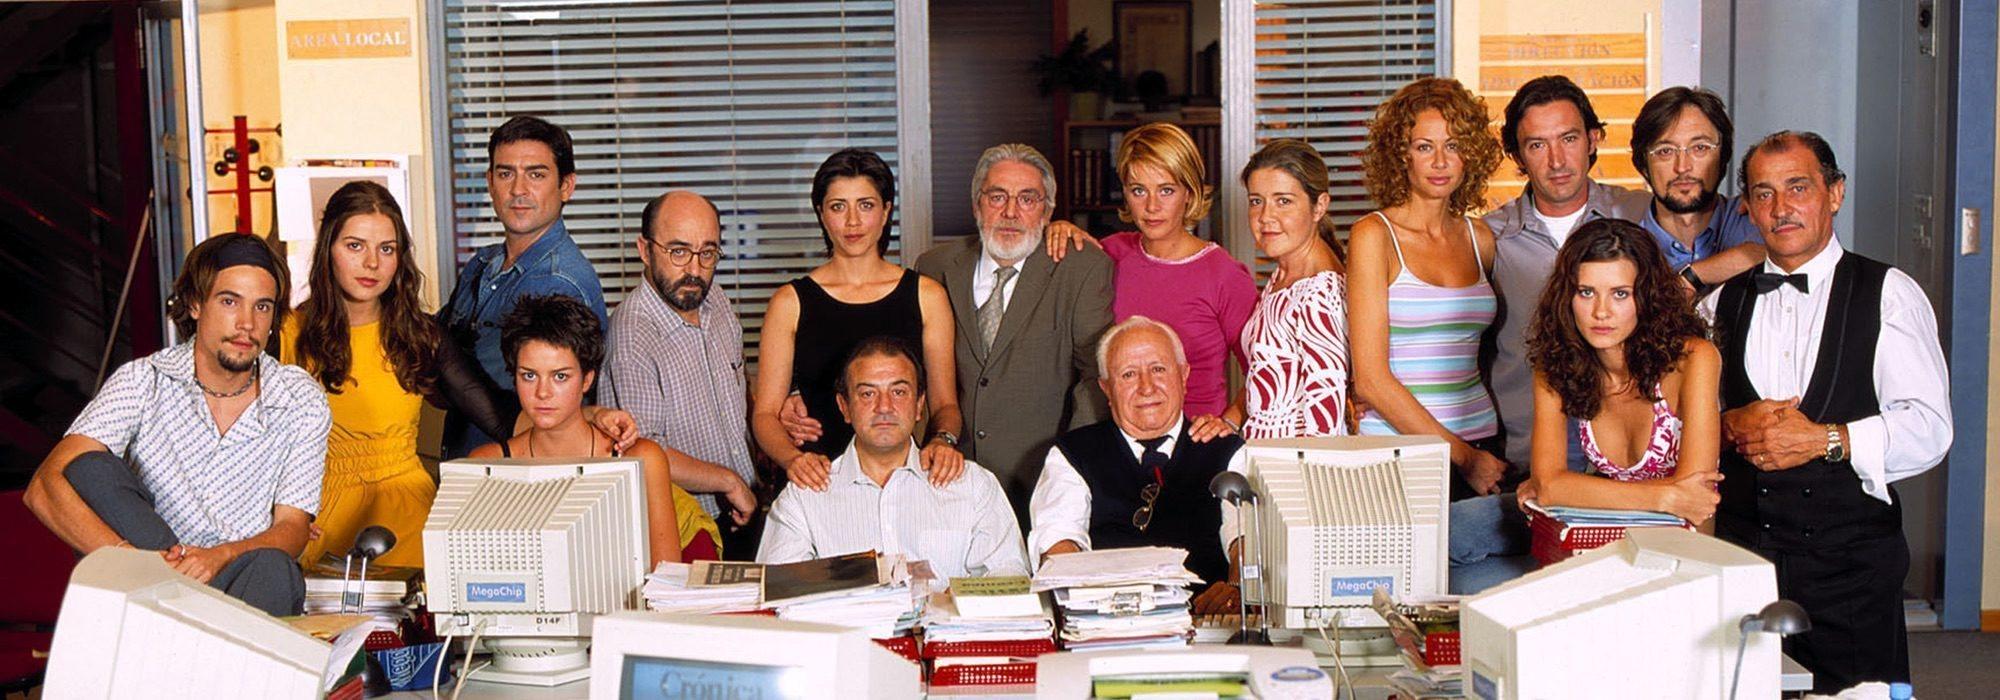 De 'El Comisario' a 'Periodistas': Cuando Telecinco creó su propio universo de ficción con Estudios Picasso